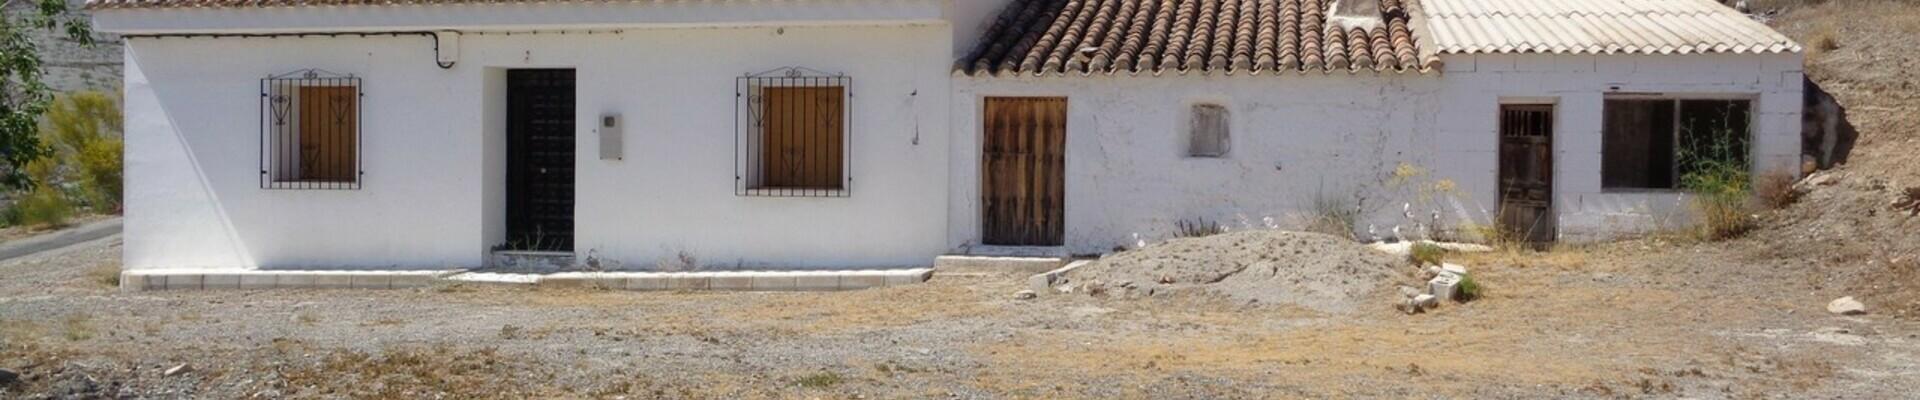 AF750: 3 Bedroom Cortijo for Sale